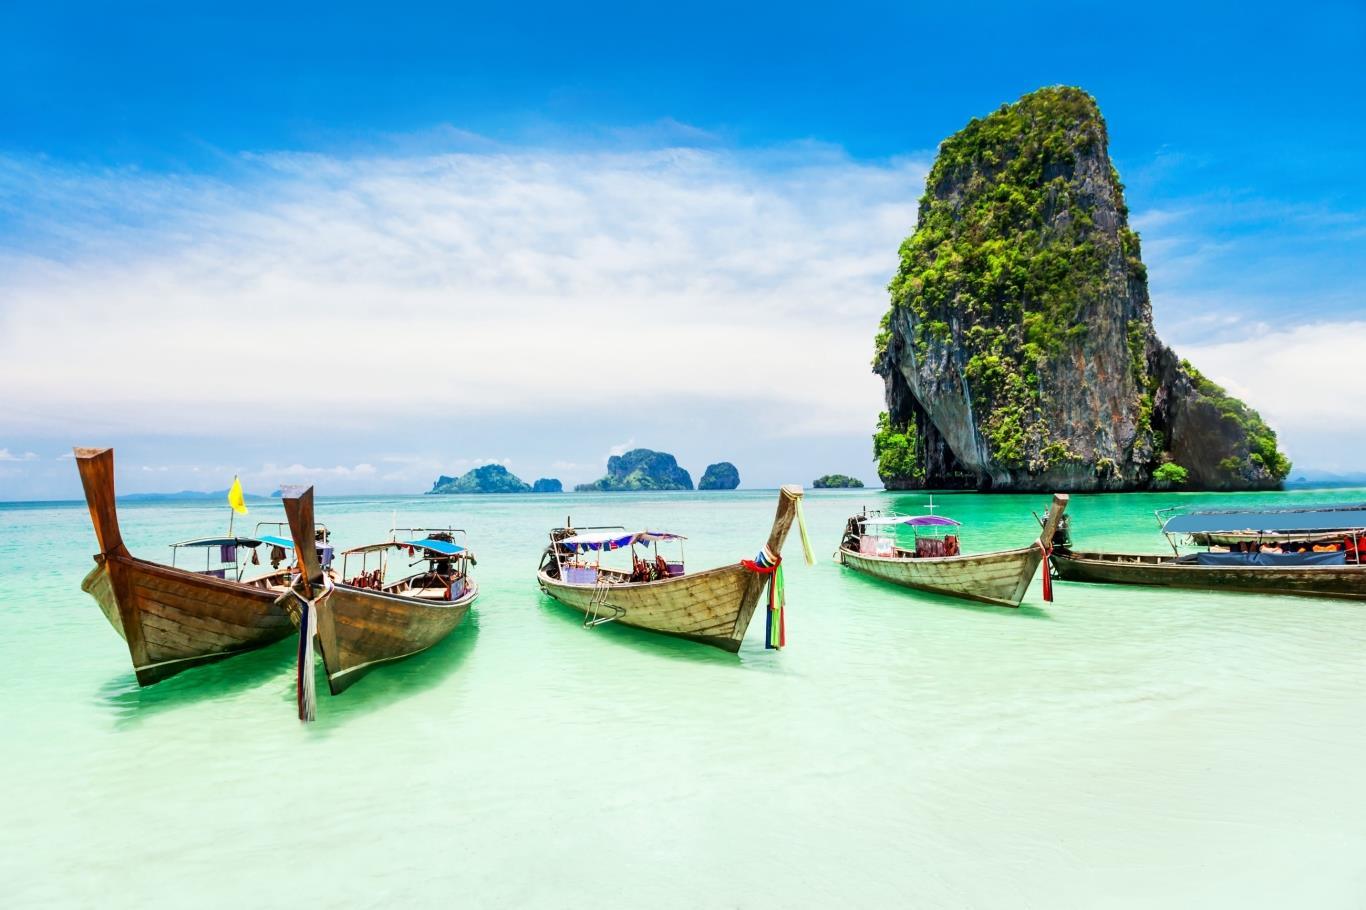 Du lịch đảo Phuket